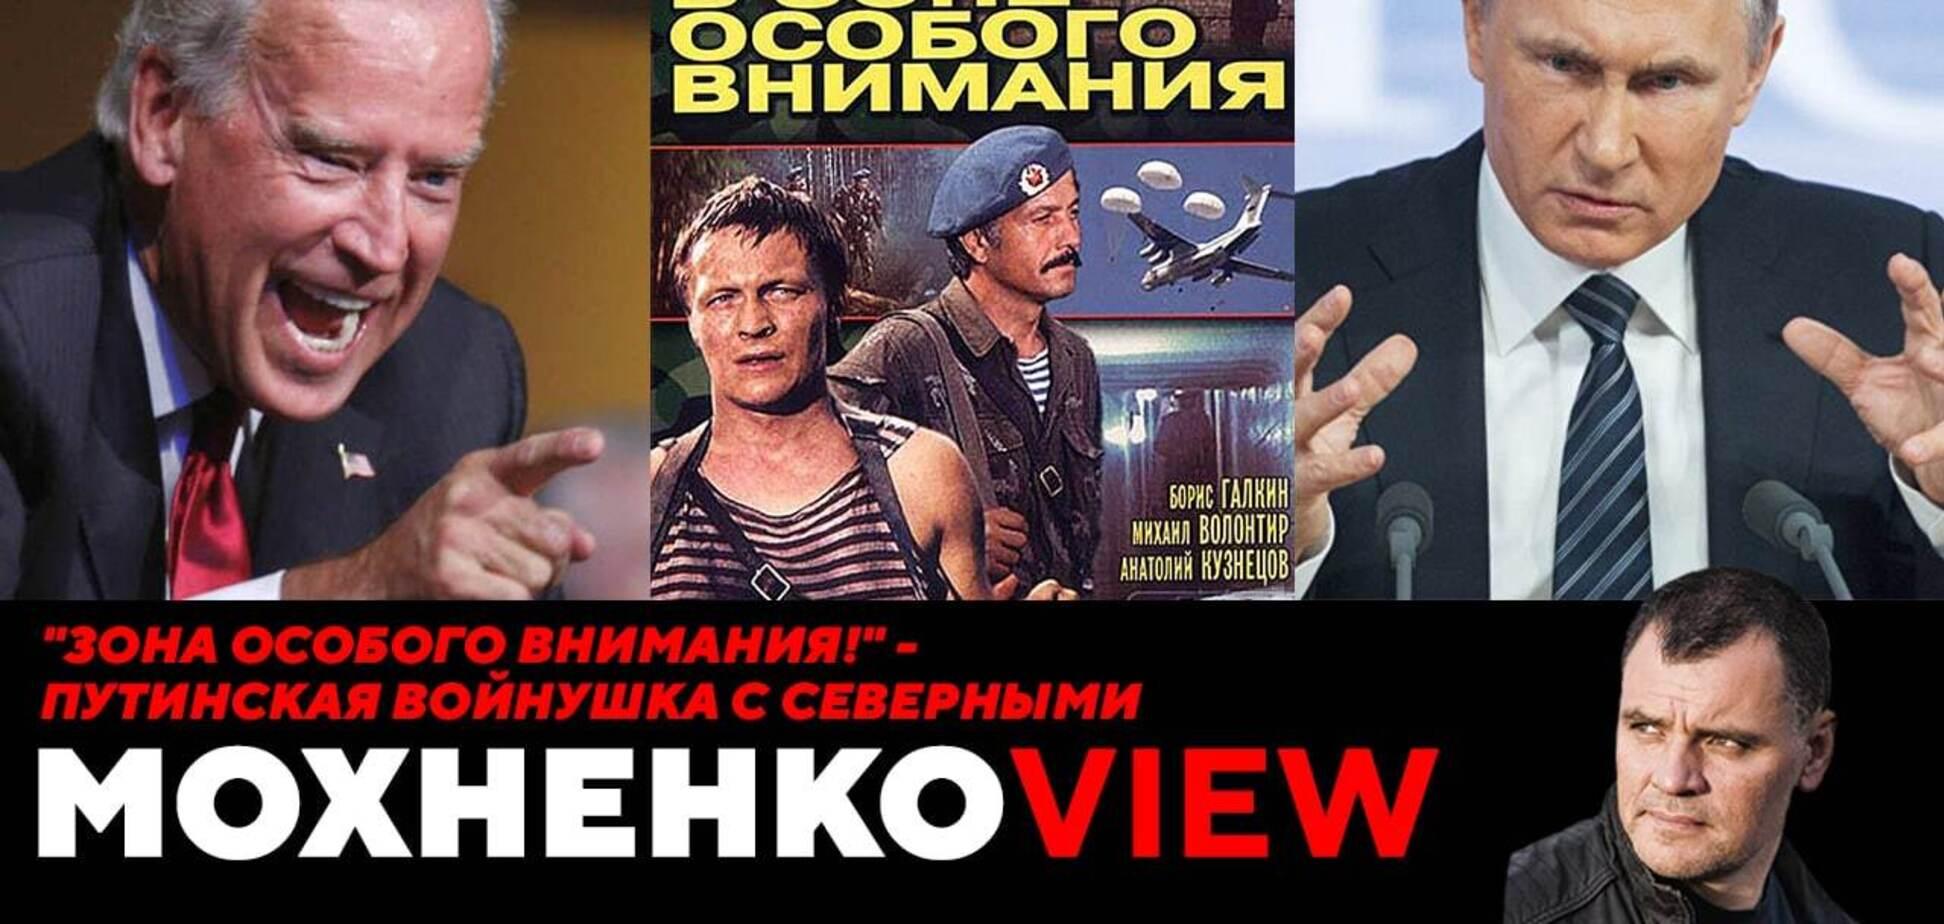 Путин – прапорщик Волонтир! Война с 'Северными' (с НАТО) в Украине